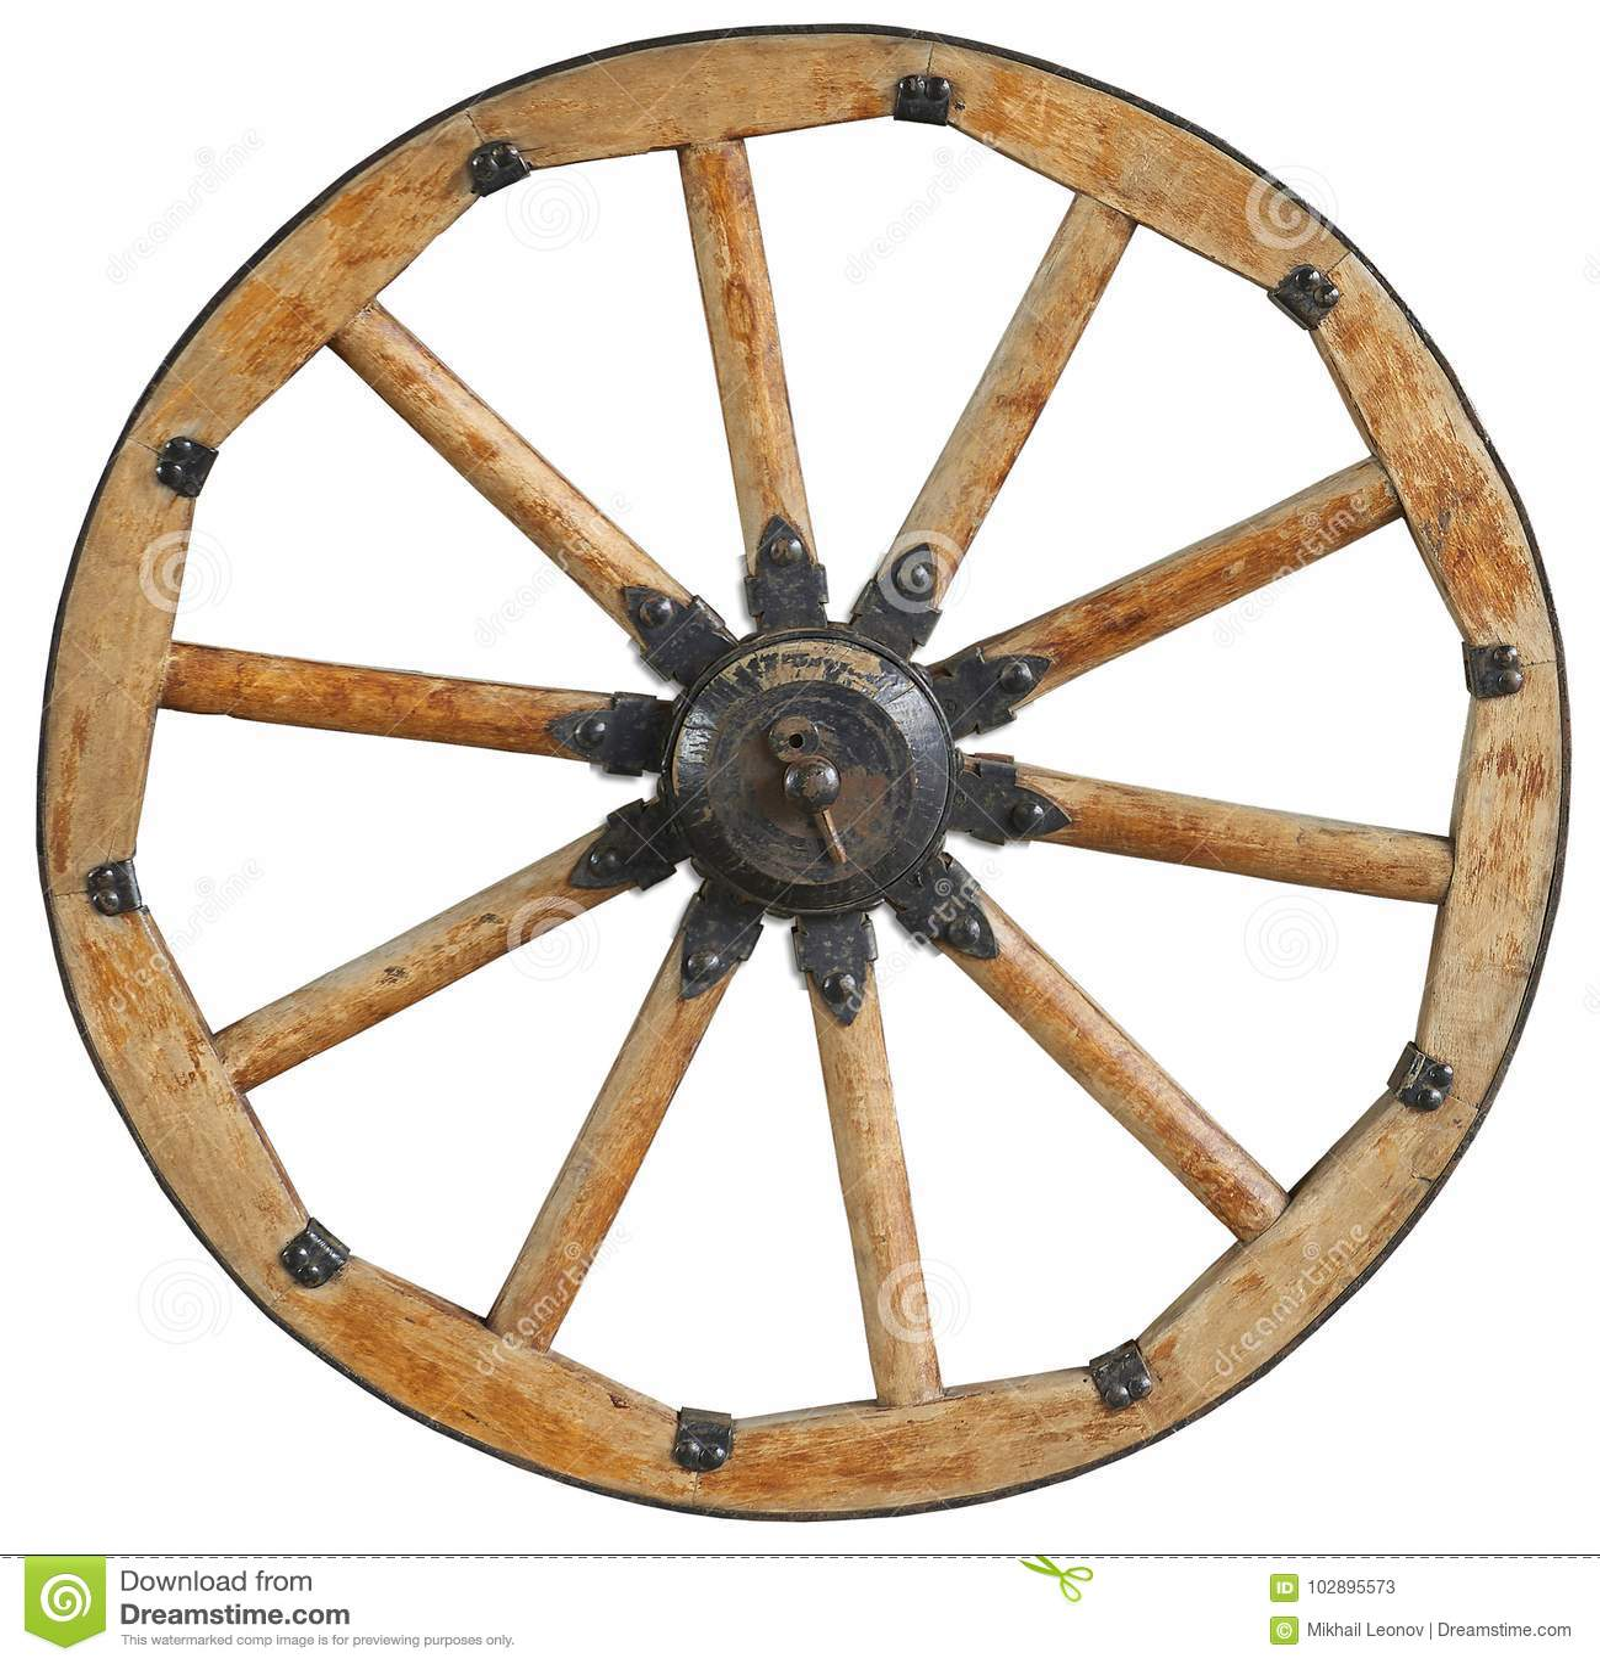 La vieille jante en bois antique classique de roues a parlé avec les parenthèses et les rivets noirs en métal Roue traditionnelle